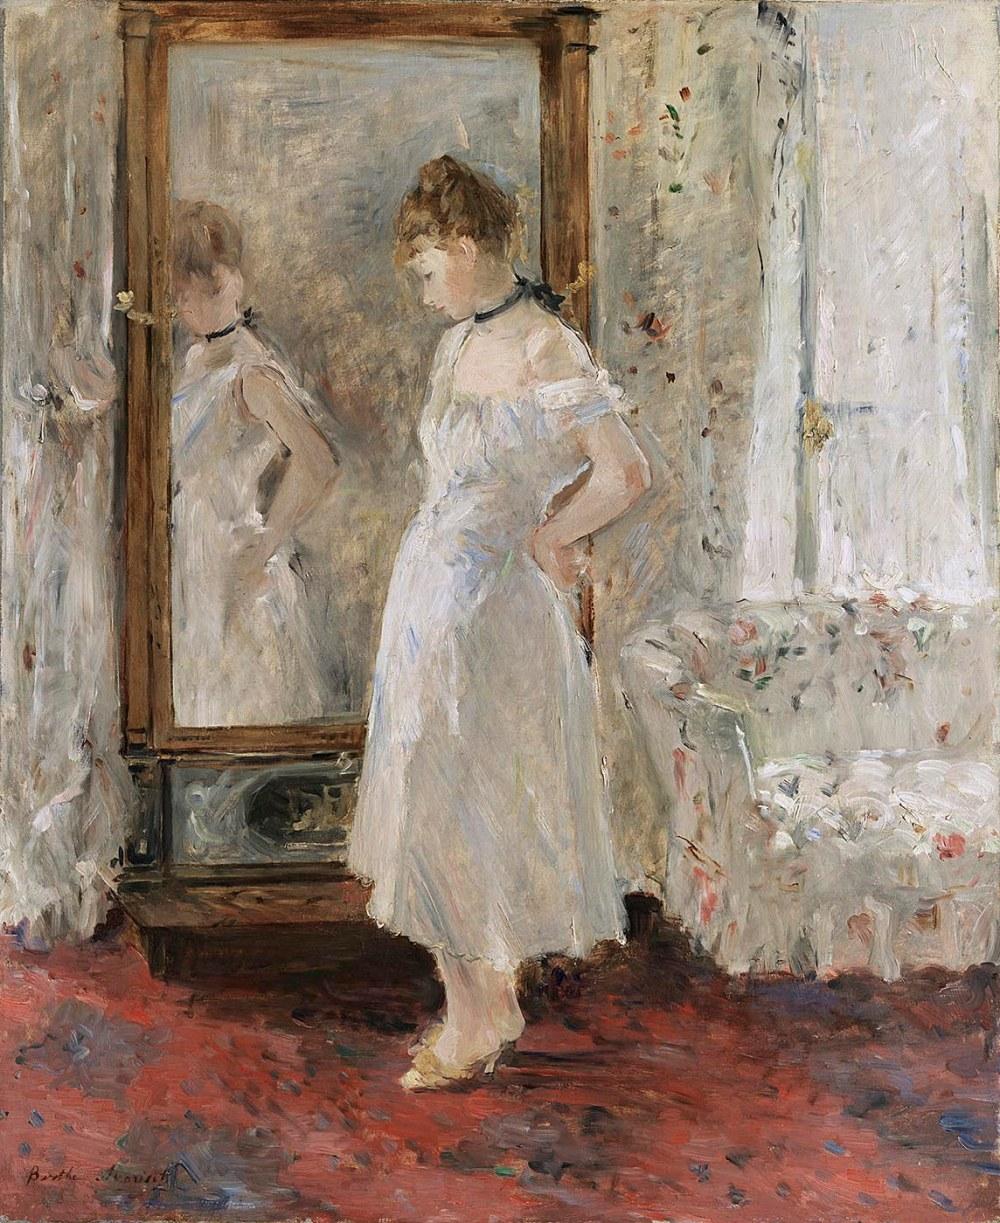 Berthe Morisot. El espejo psiqué. 1876. Museo Thyssen- Bornemisza. Madrid.